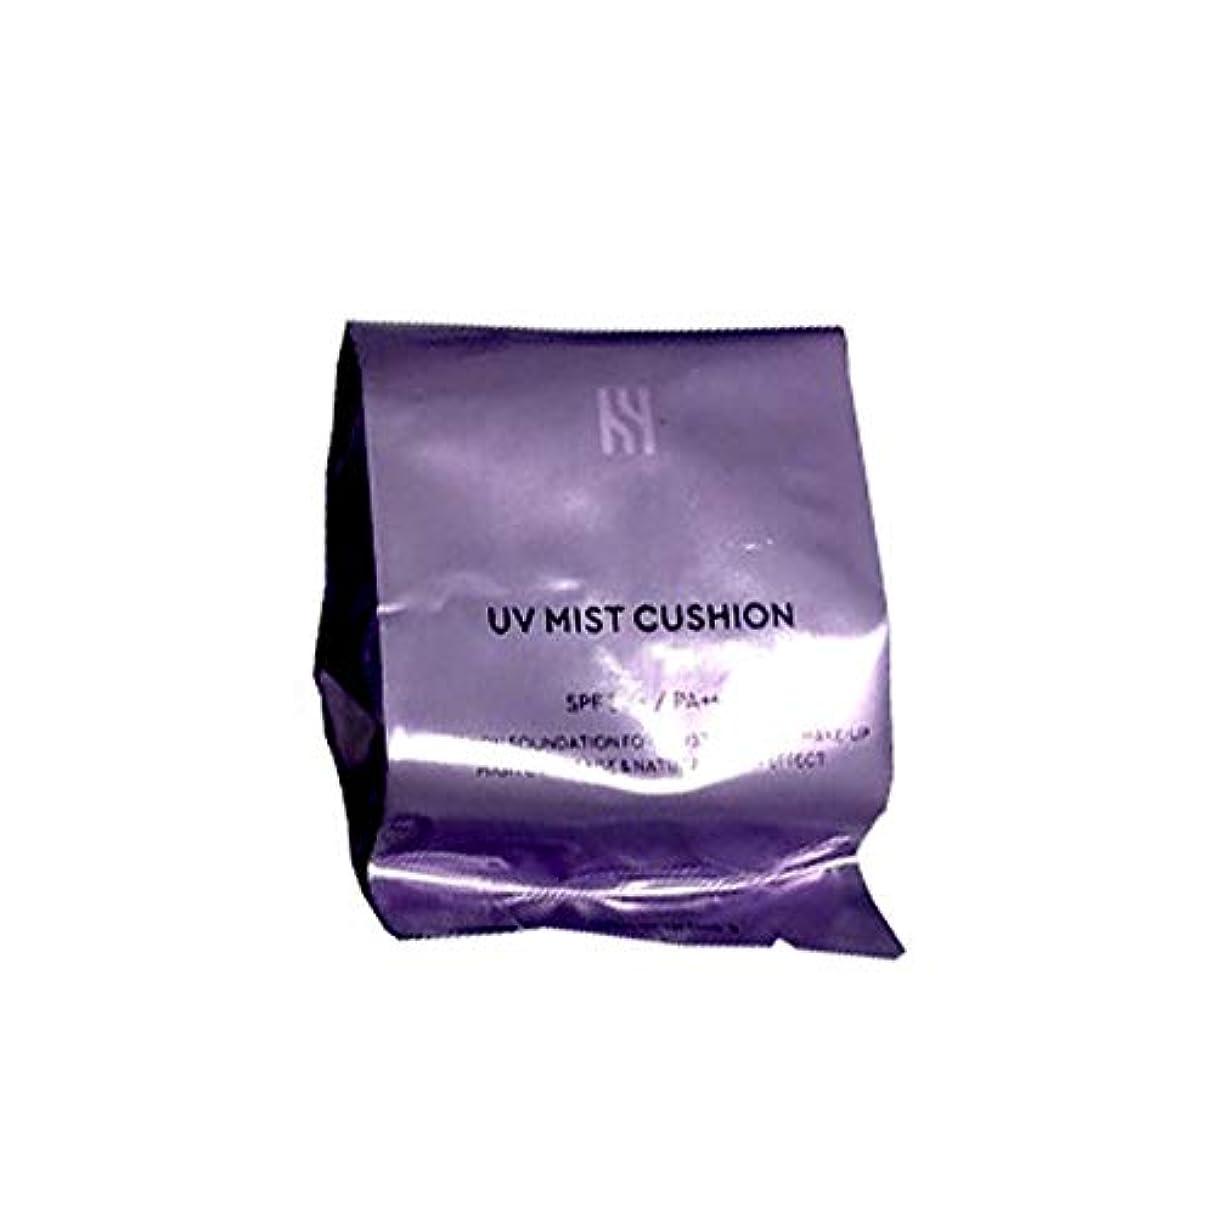 暫定の酸化物プレーヤーHERA(ヘラ) UVミストクッション(カバー)SPF50+/PA+++ [リフィルのみ] C23号/ベージュ